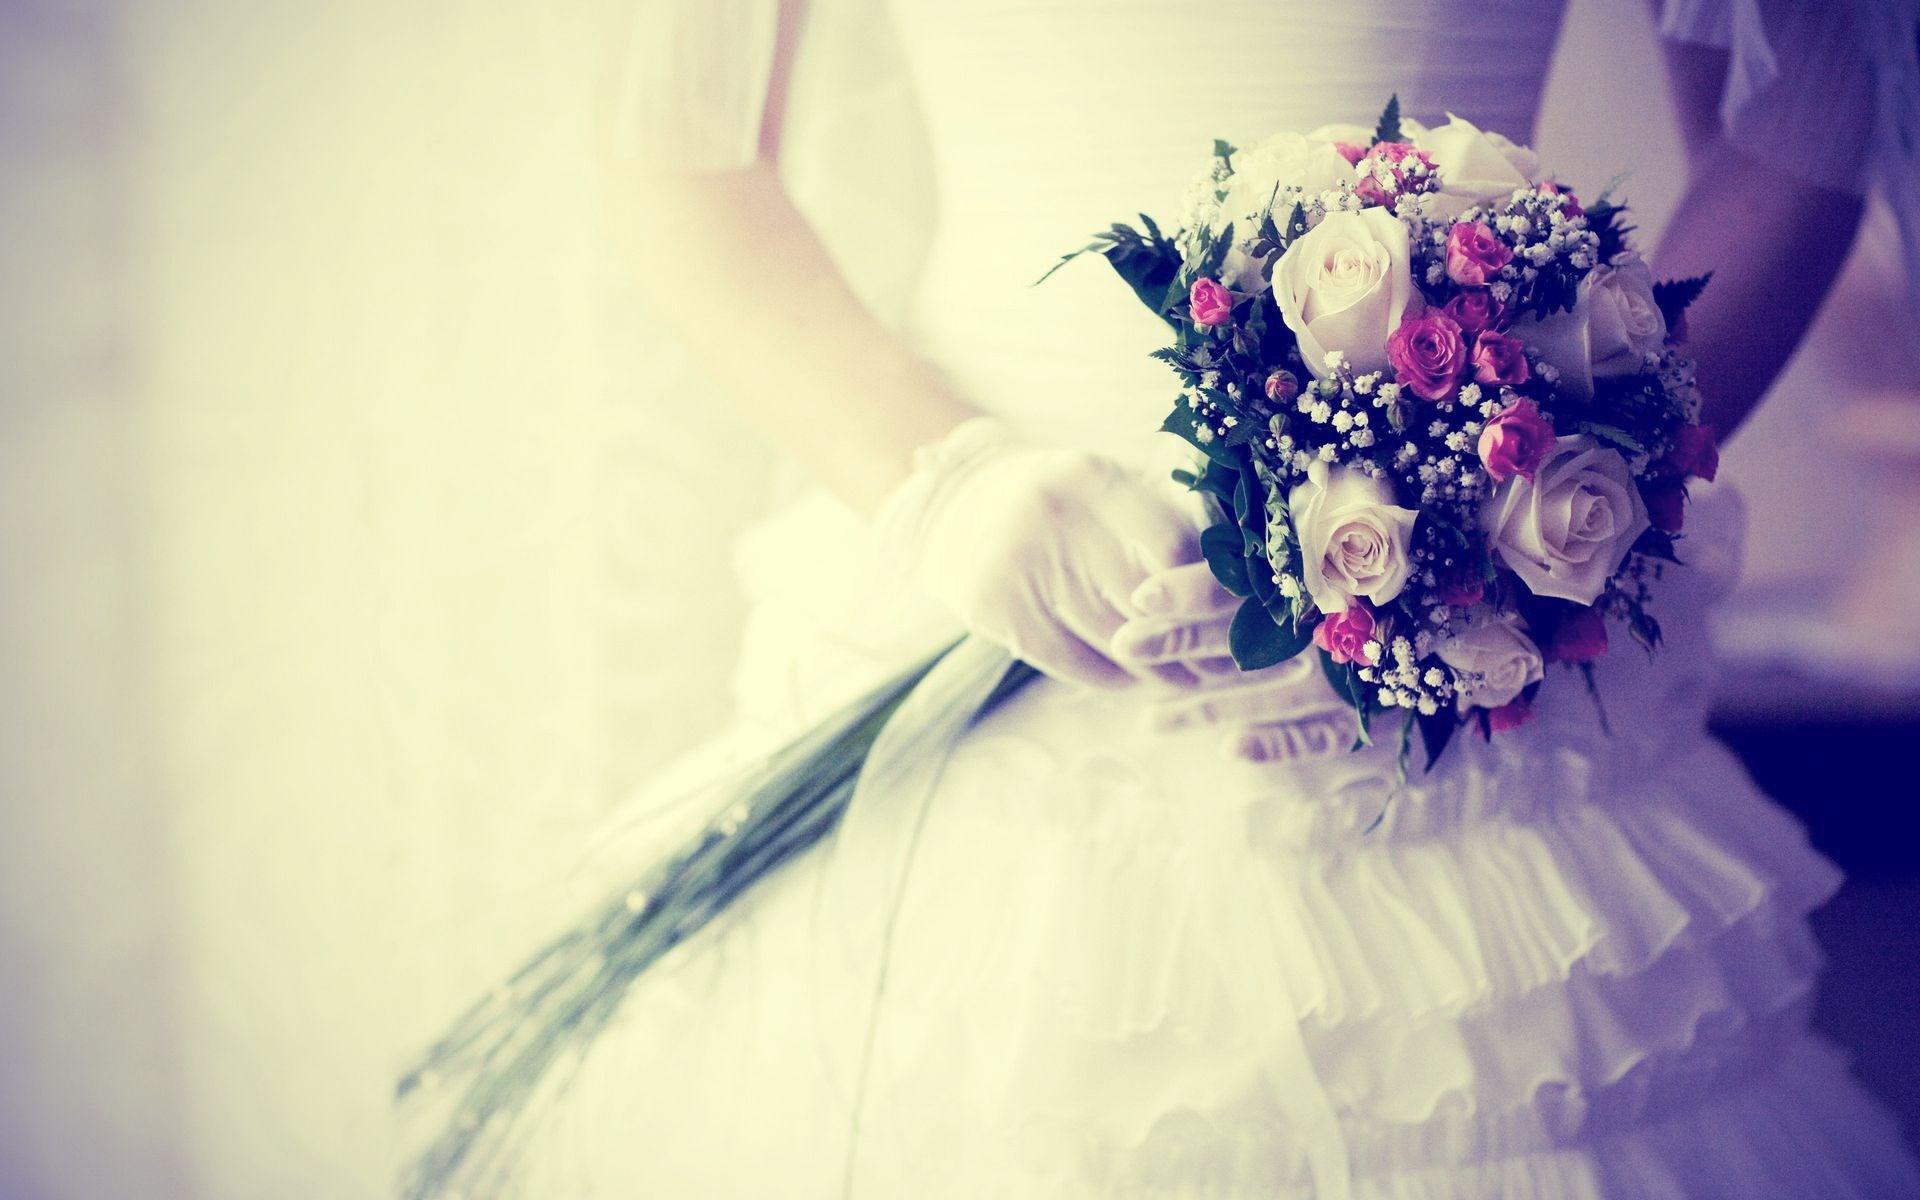 Bride Bouquet Flowers Gloves Wedding